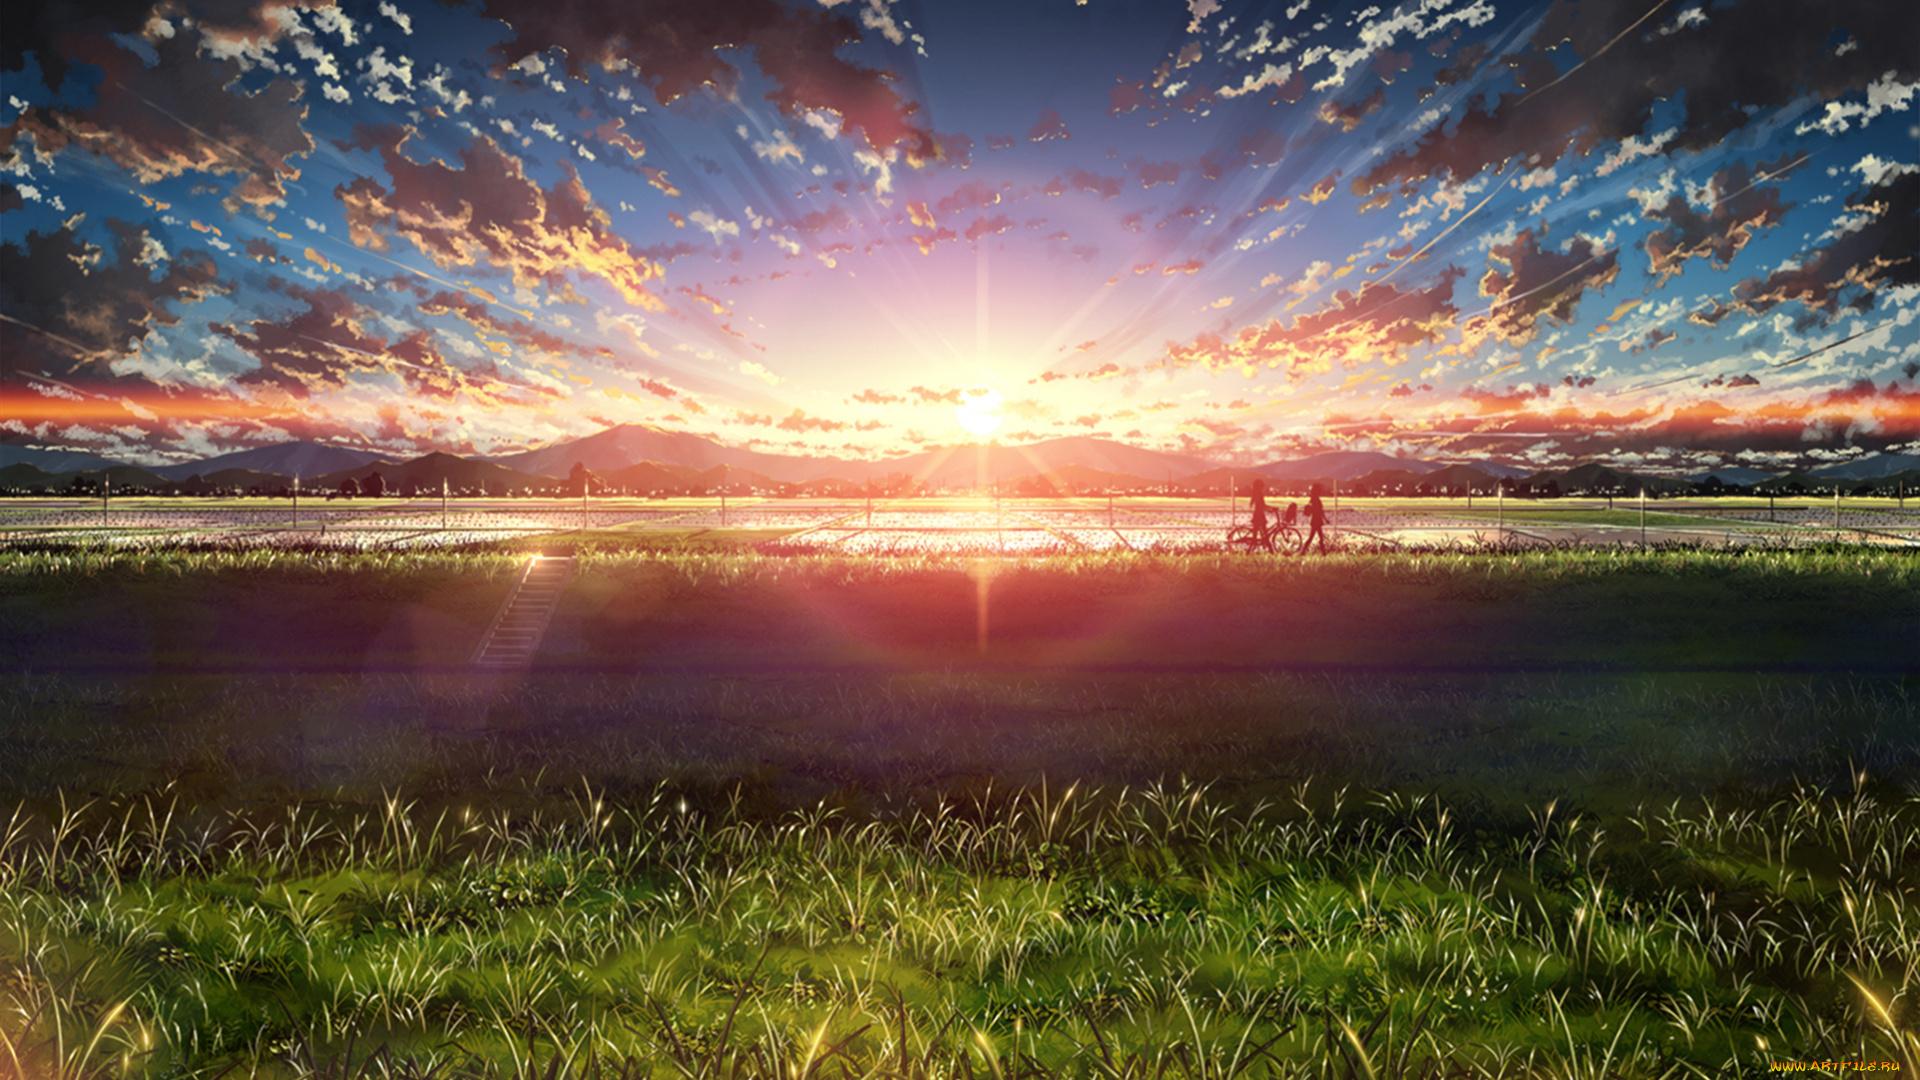 аниме, закат, цветочная поляна на телефон